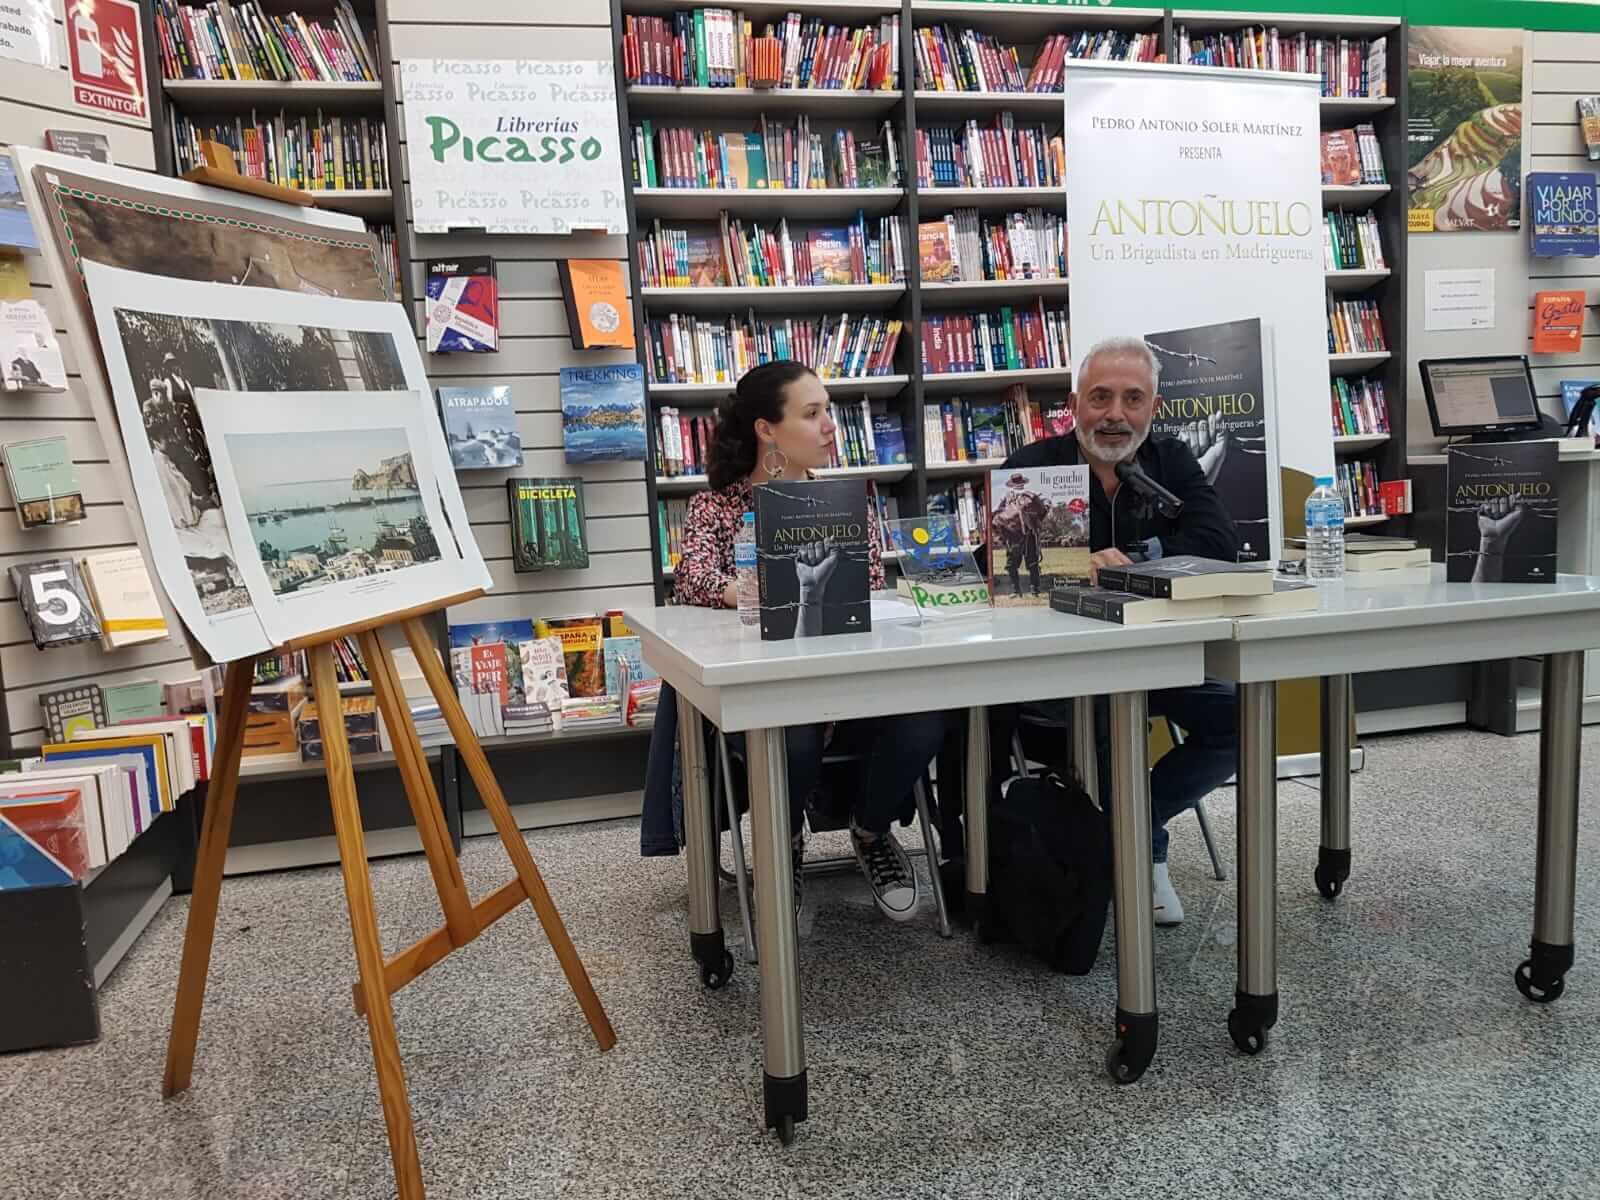 Presentación «Antoñuelo. Un Brigadista en Madrigueras»